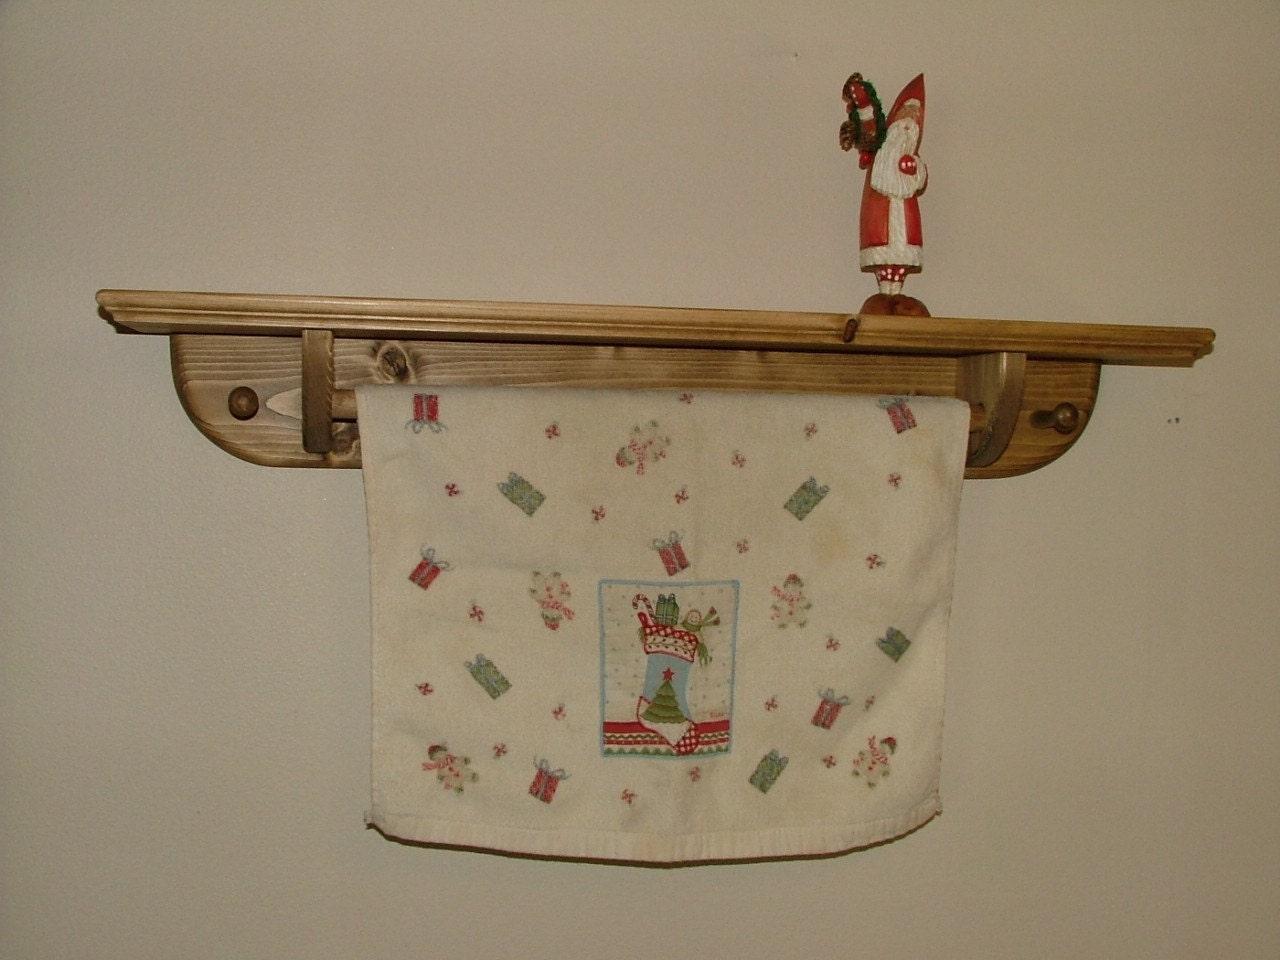 quilt towel bar shelf quilt hanging shelf country amish. Black Bedroom Furniture Sets. Home Design Ideas